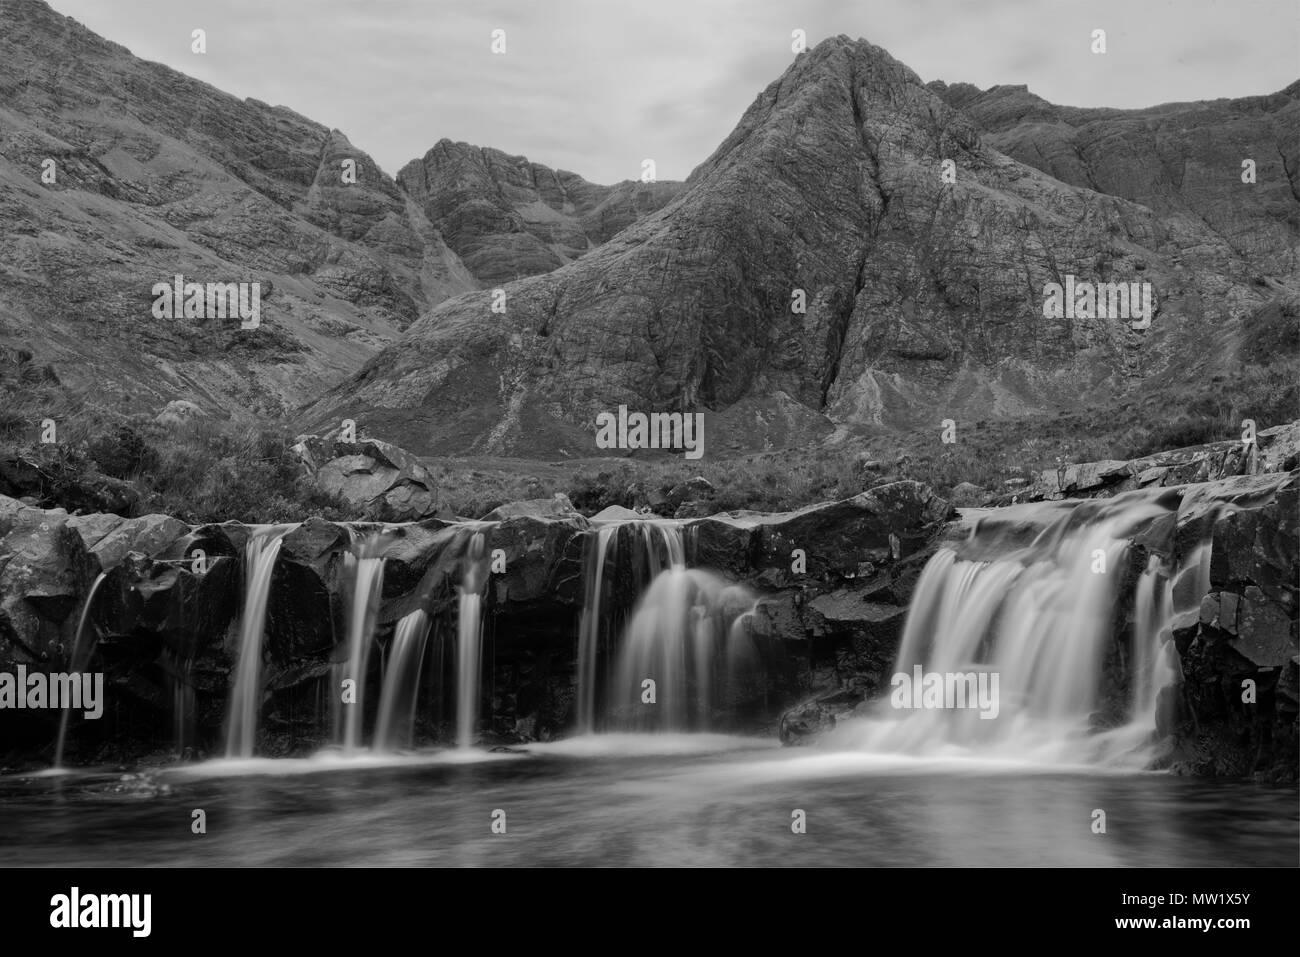 Europe, United Kingdom, Scotland,Hebrides archipelago, Isle of Skye, Fairy Pools - Stock Image